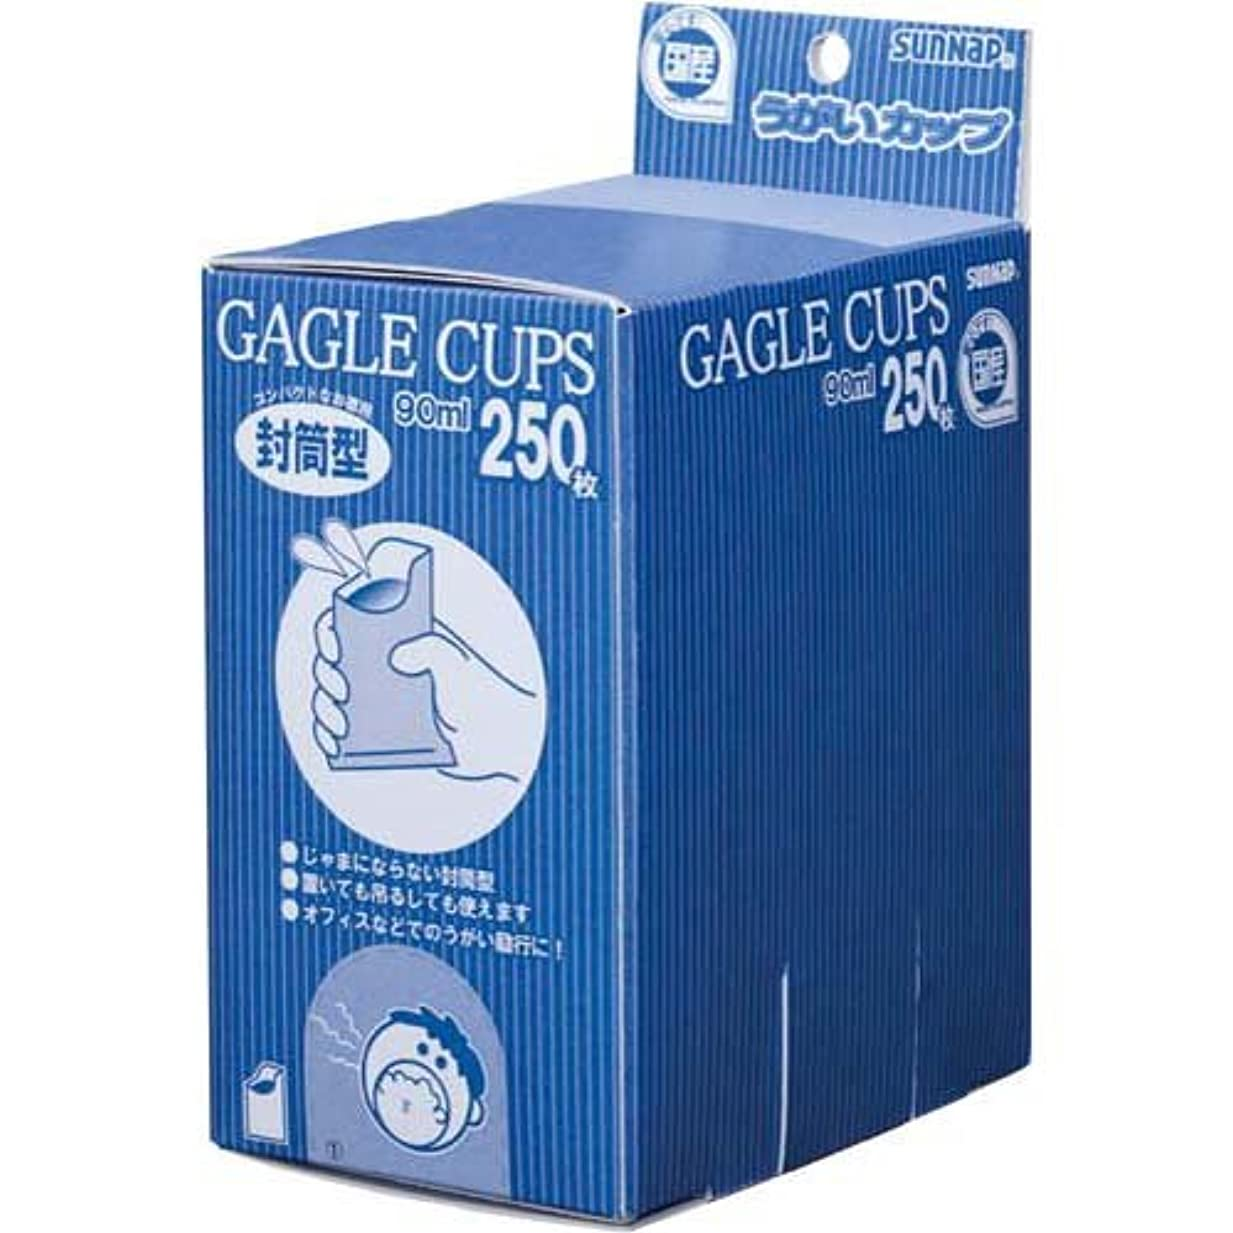 周辺機関ペイントサンナップ 封筒型うがいカップ250枚×5箱